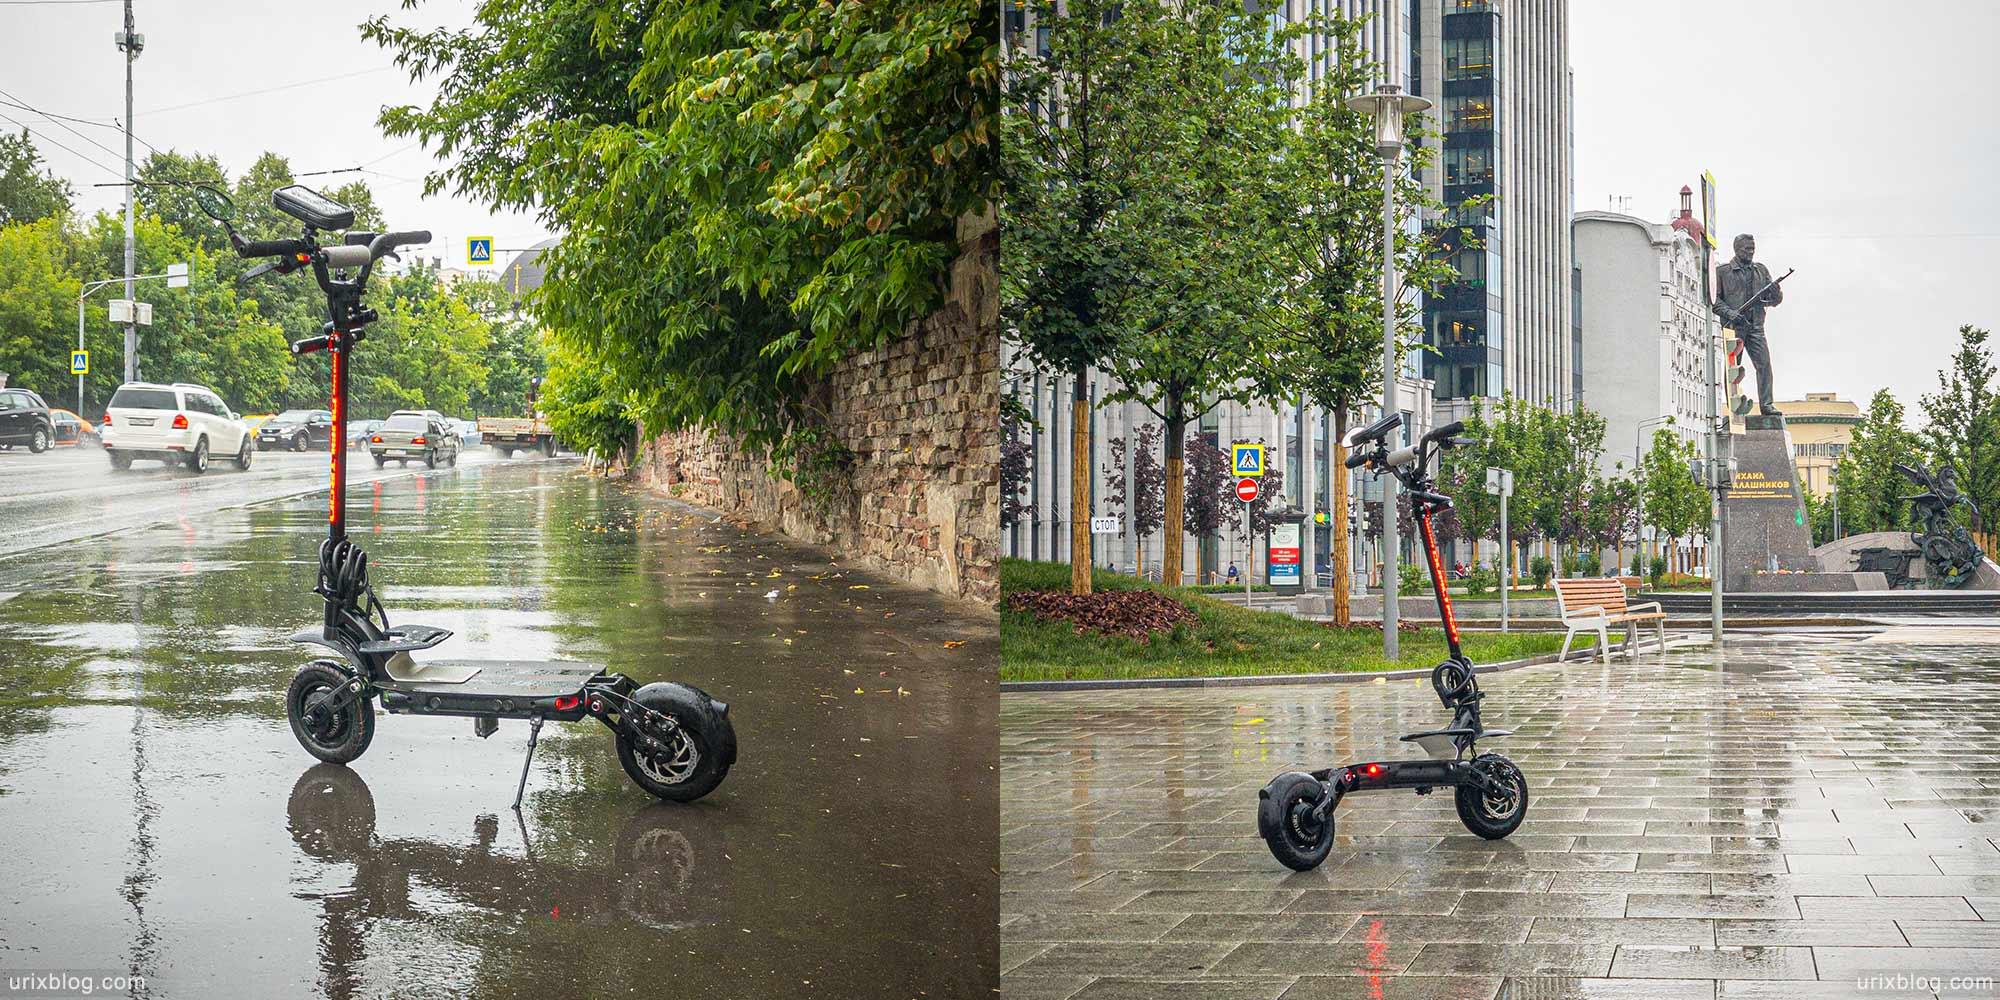 Dualtron Spider, minimotors, самокат, электросамокат, лужи, дождь, влагозащита, вода, Москва, Россия